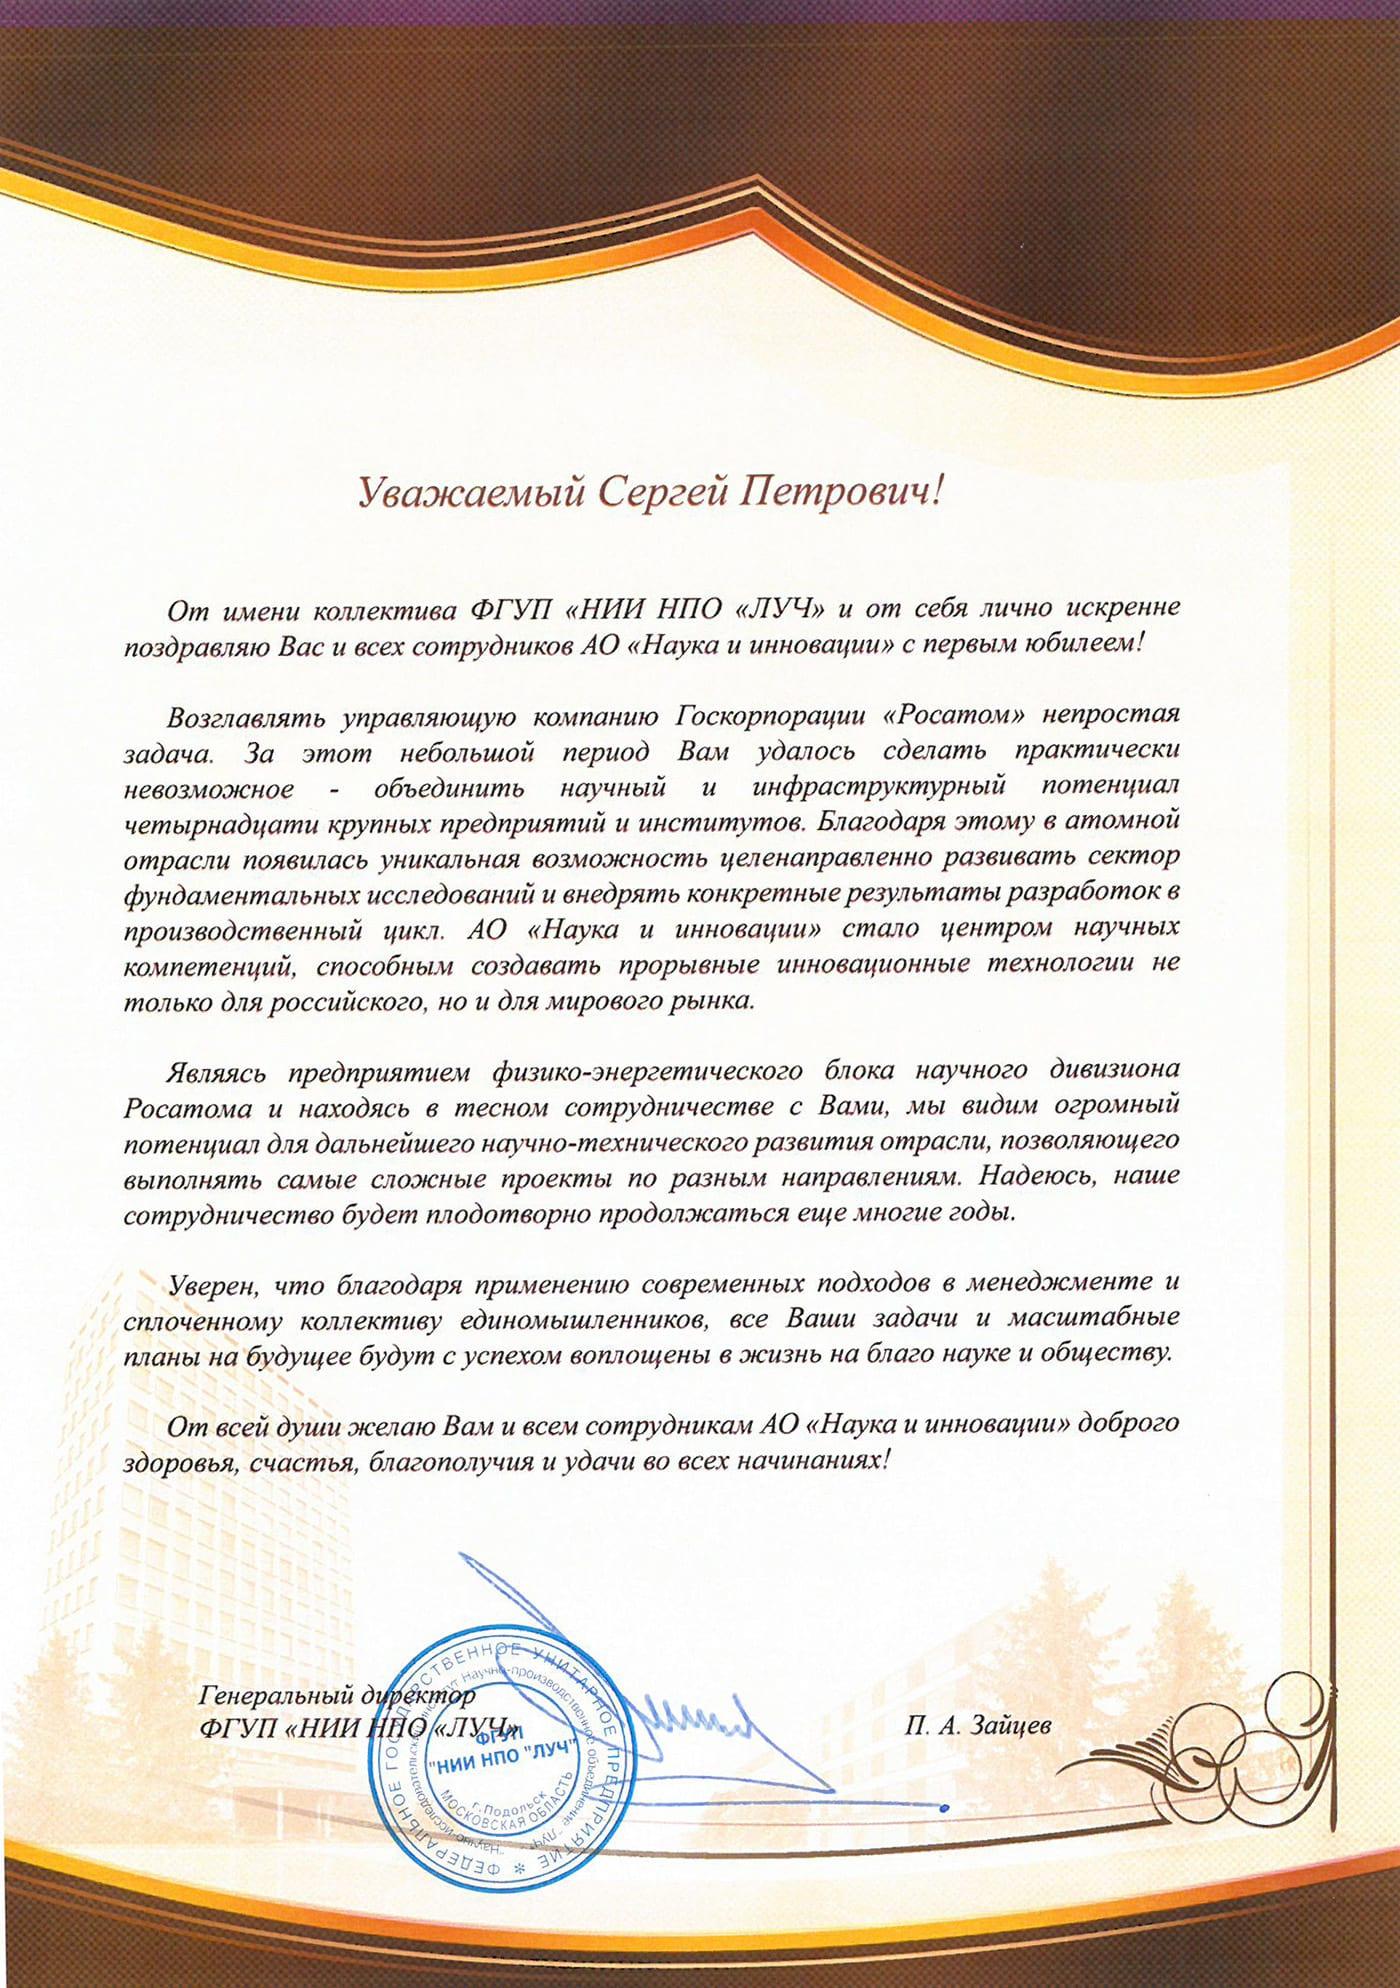 Поздравление с 5-летием АО Наука и инновации от ФГУП «НИИ НПО «ЛУЧ»